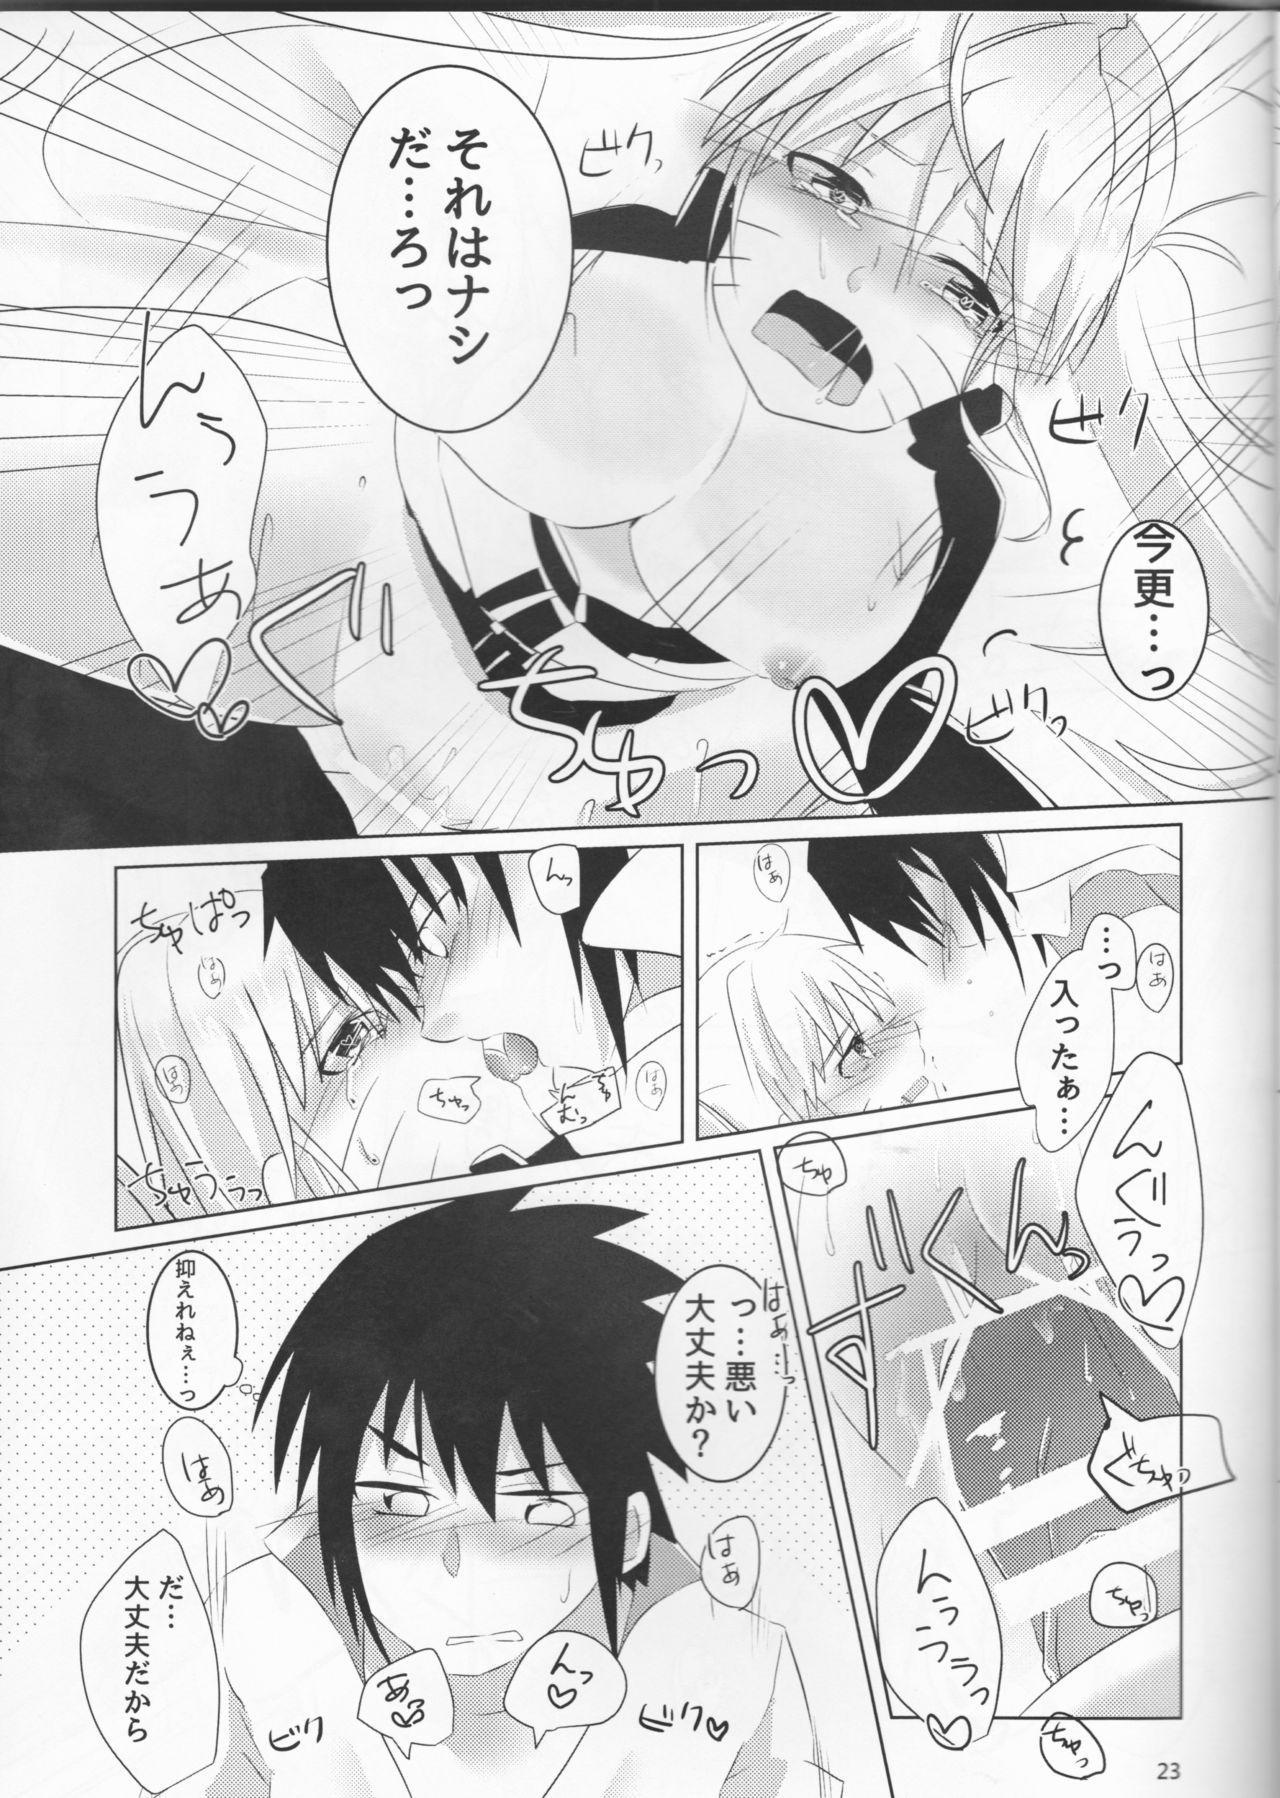 Douyara Usuratonkachi no Kudaranai Jutsu wa Ore ni Kouka ga Nai rashii. 22